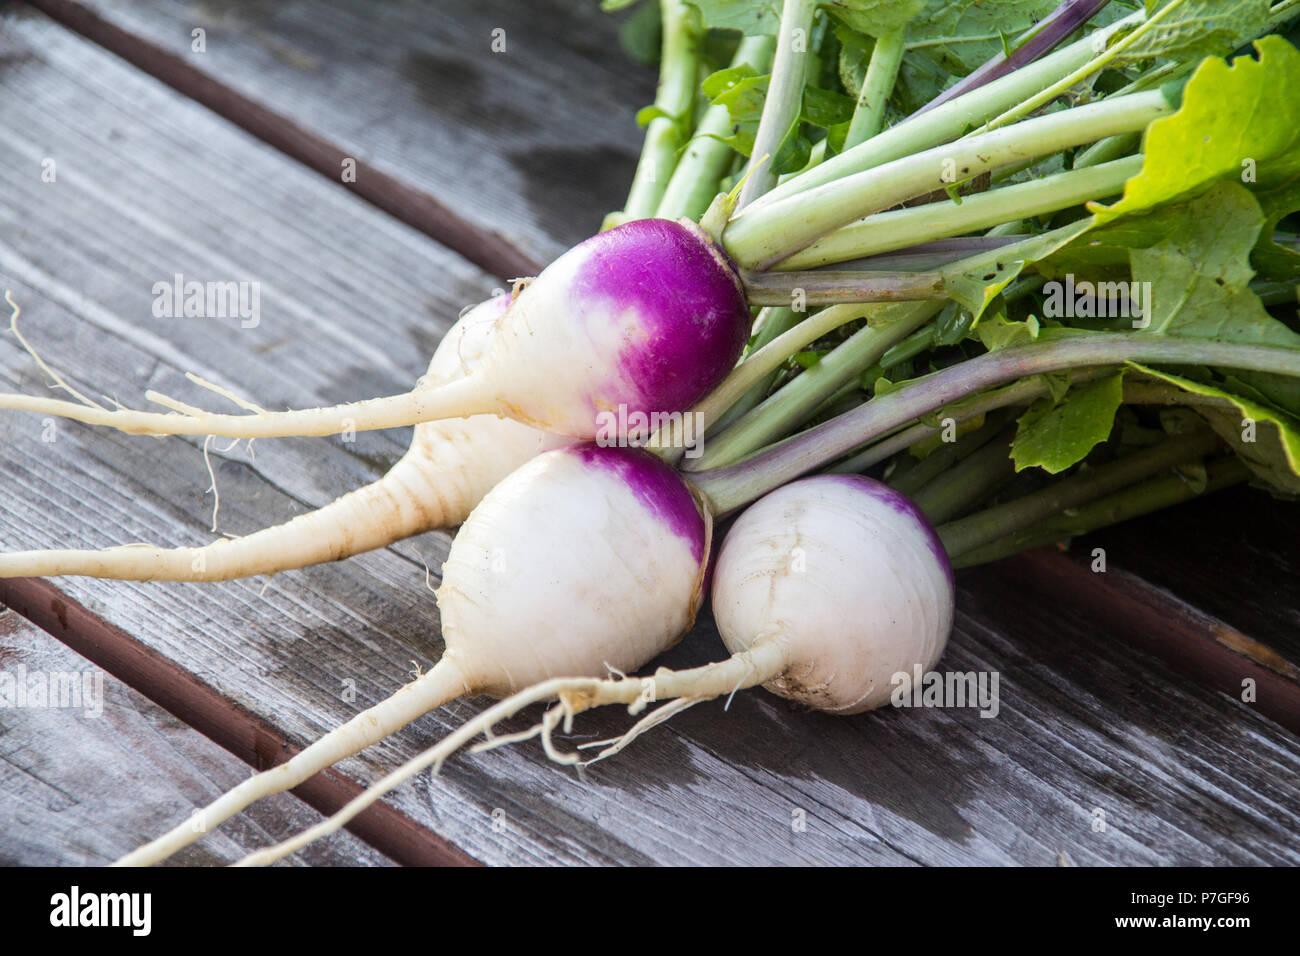 Cosechado pequeño nabo hortalizas frescas orgánicas Imagen De Stock